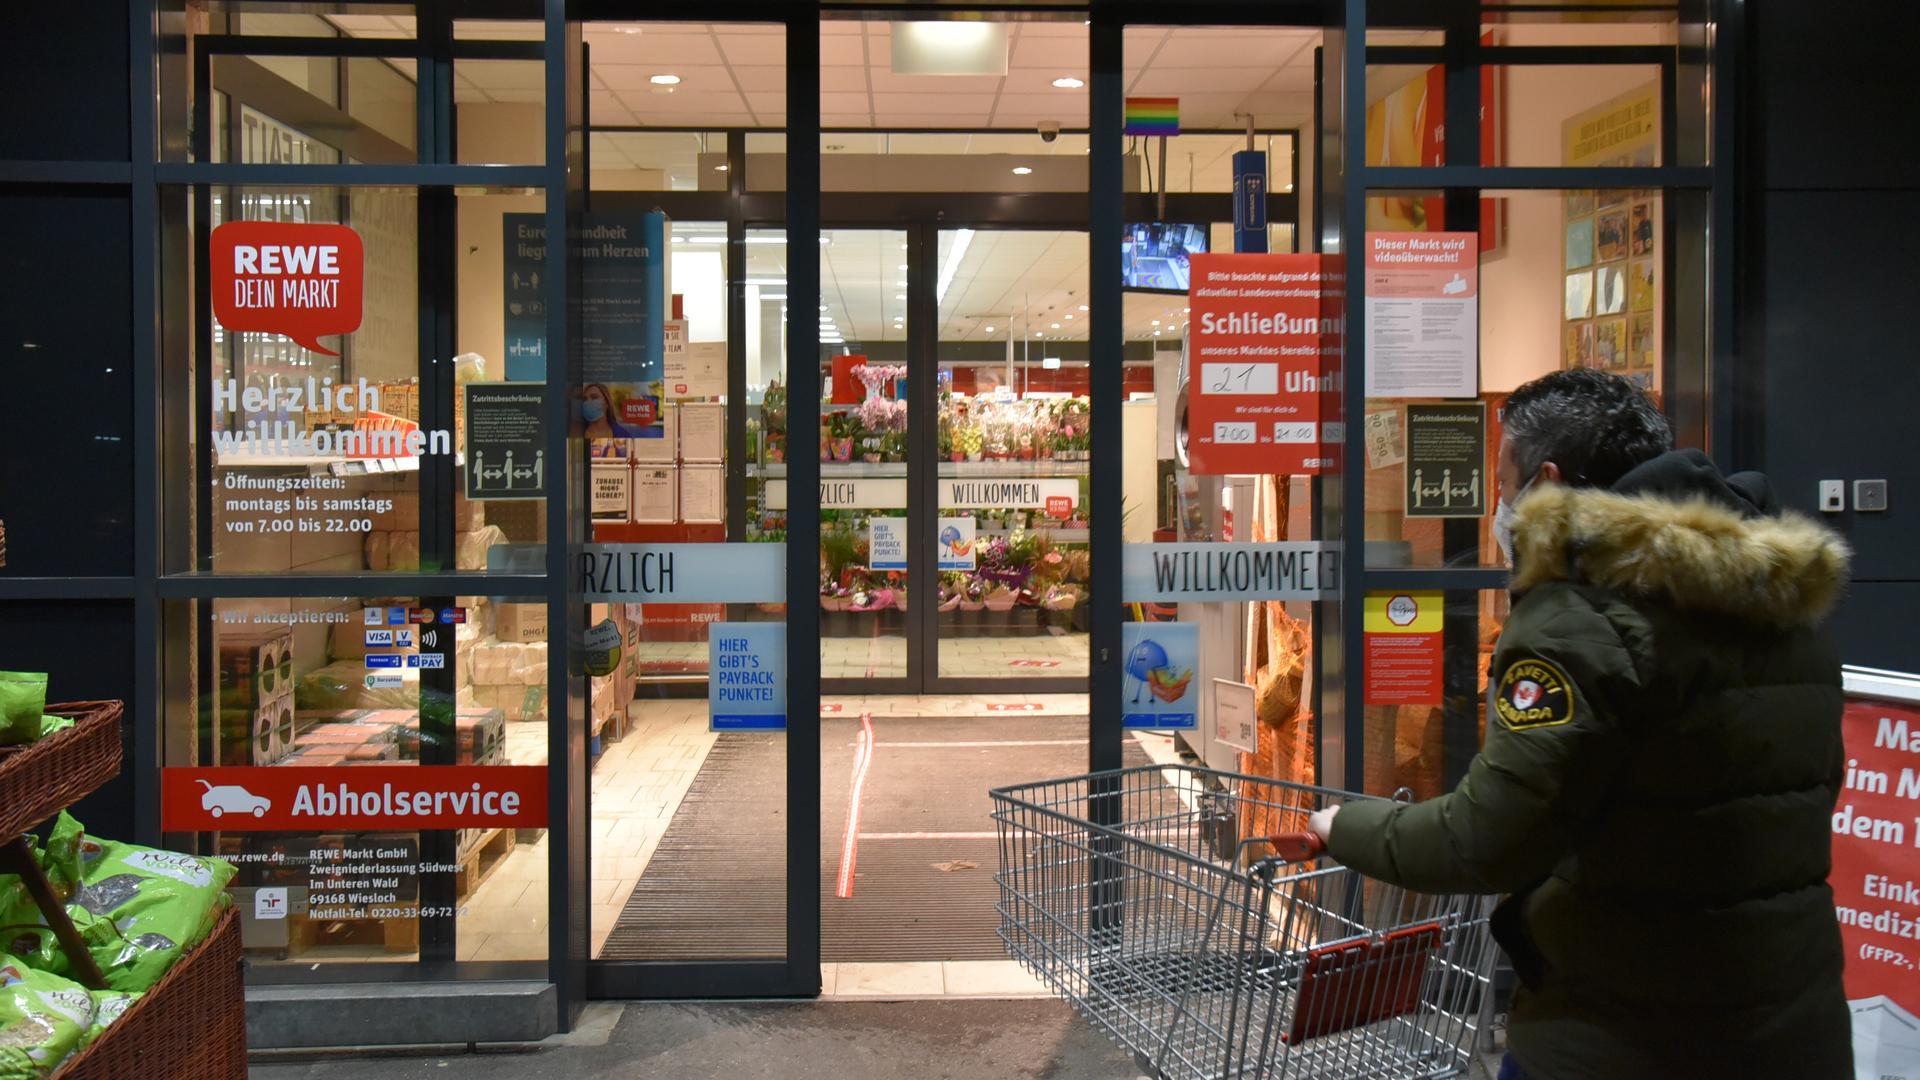 Einkaufen bis kurz vor knapp: Während einige Drogerie- und Supermärkte die möglichen Öffnungszeiten ausreizen, verlängerten andere  sie nur etwas nach hinten. Die meisten Supermarktgänge bleiben am späten Abend nahezu leer.